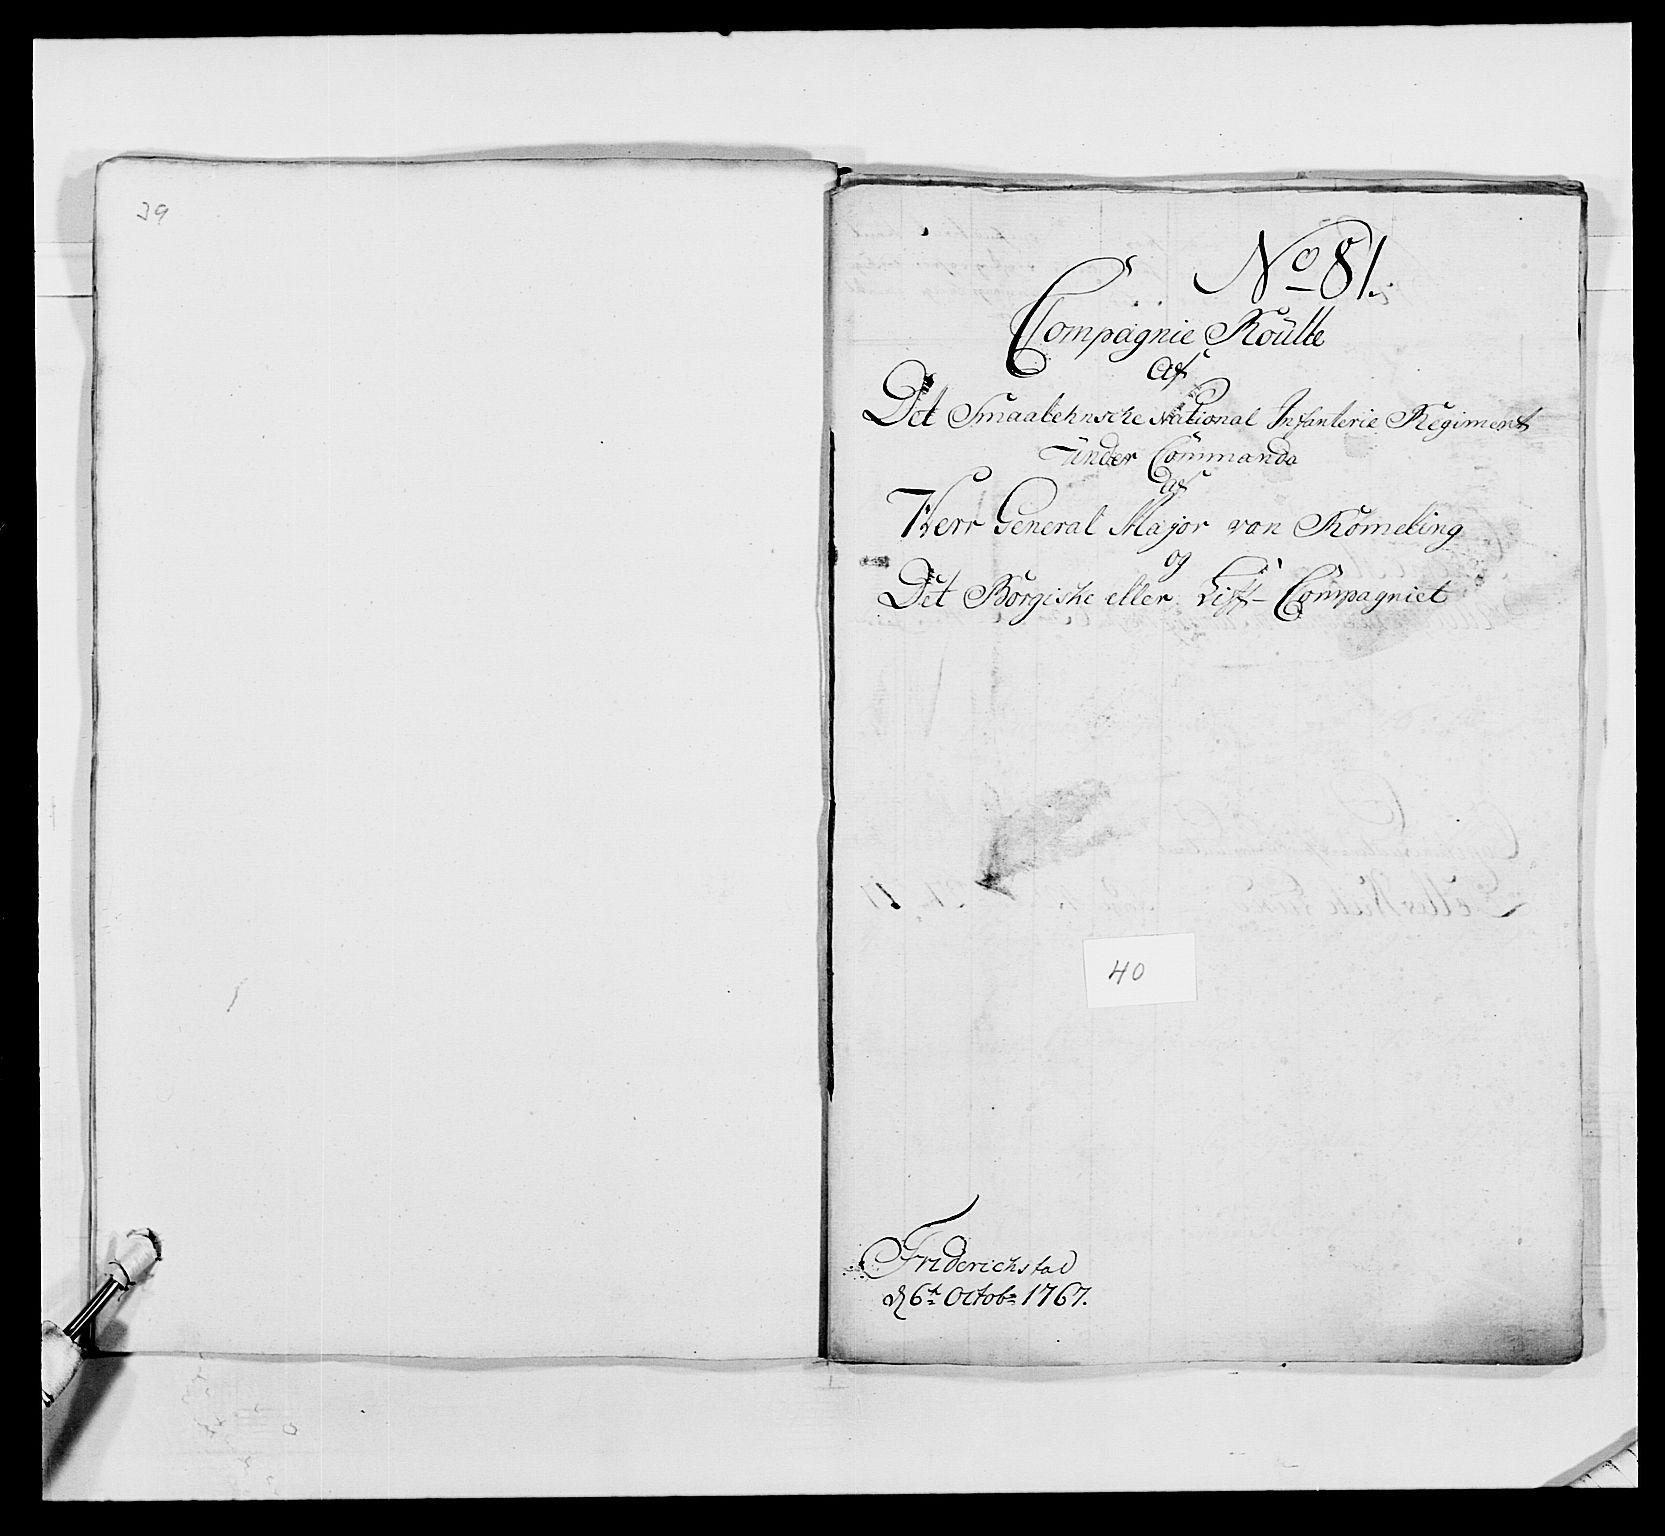 RA, Kommanderende general (KG I) med Det norske krigsdirektorium, E/Ea/L0496: 1. Smålenske regiment, 1765-1767, s. 764